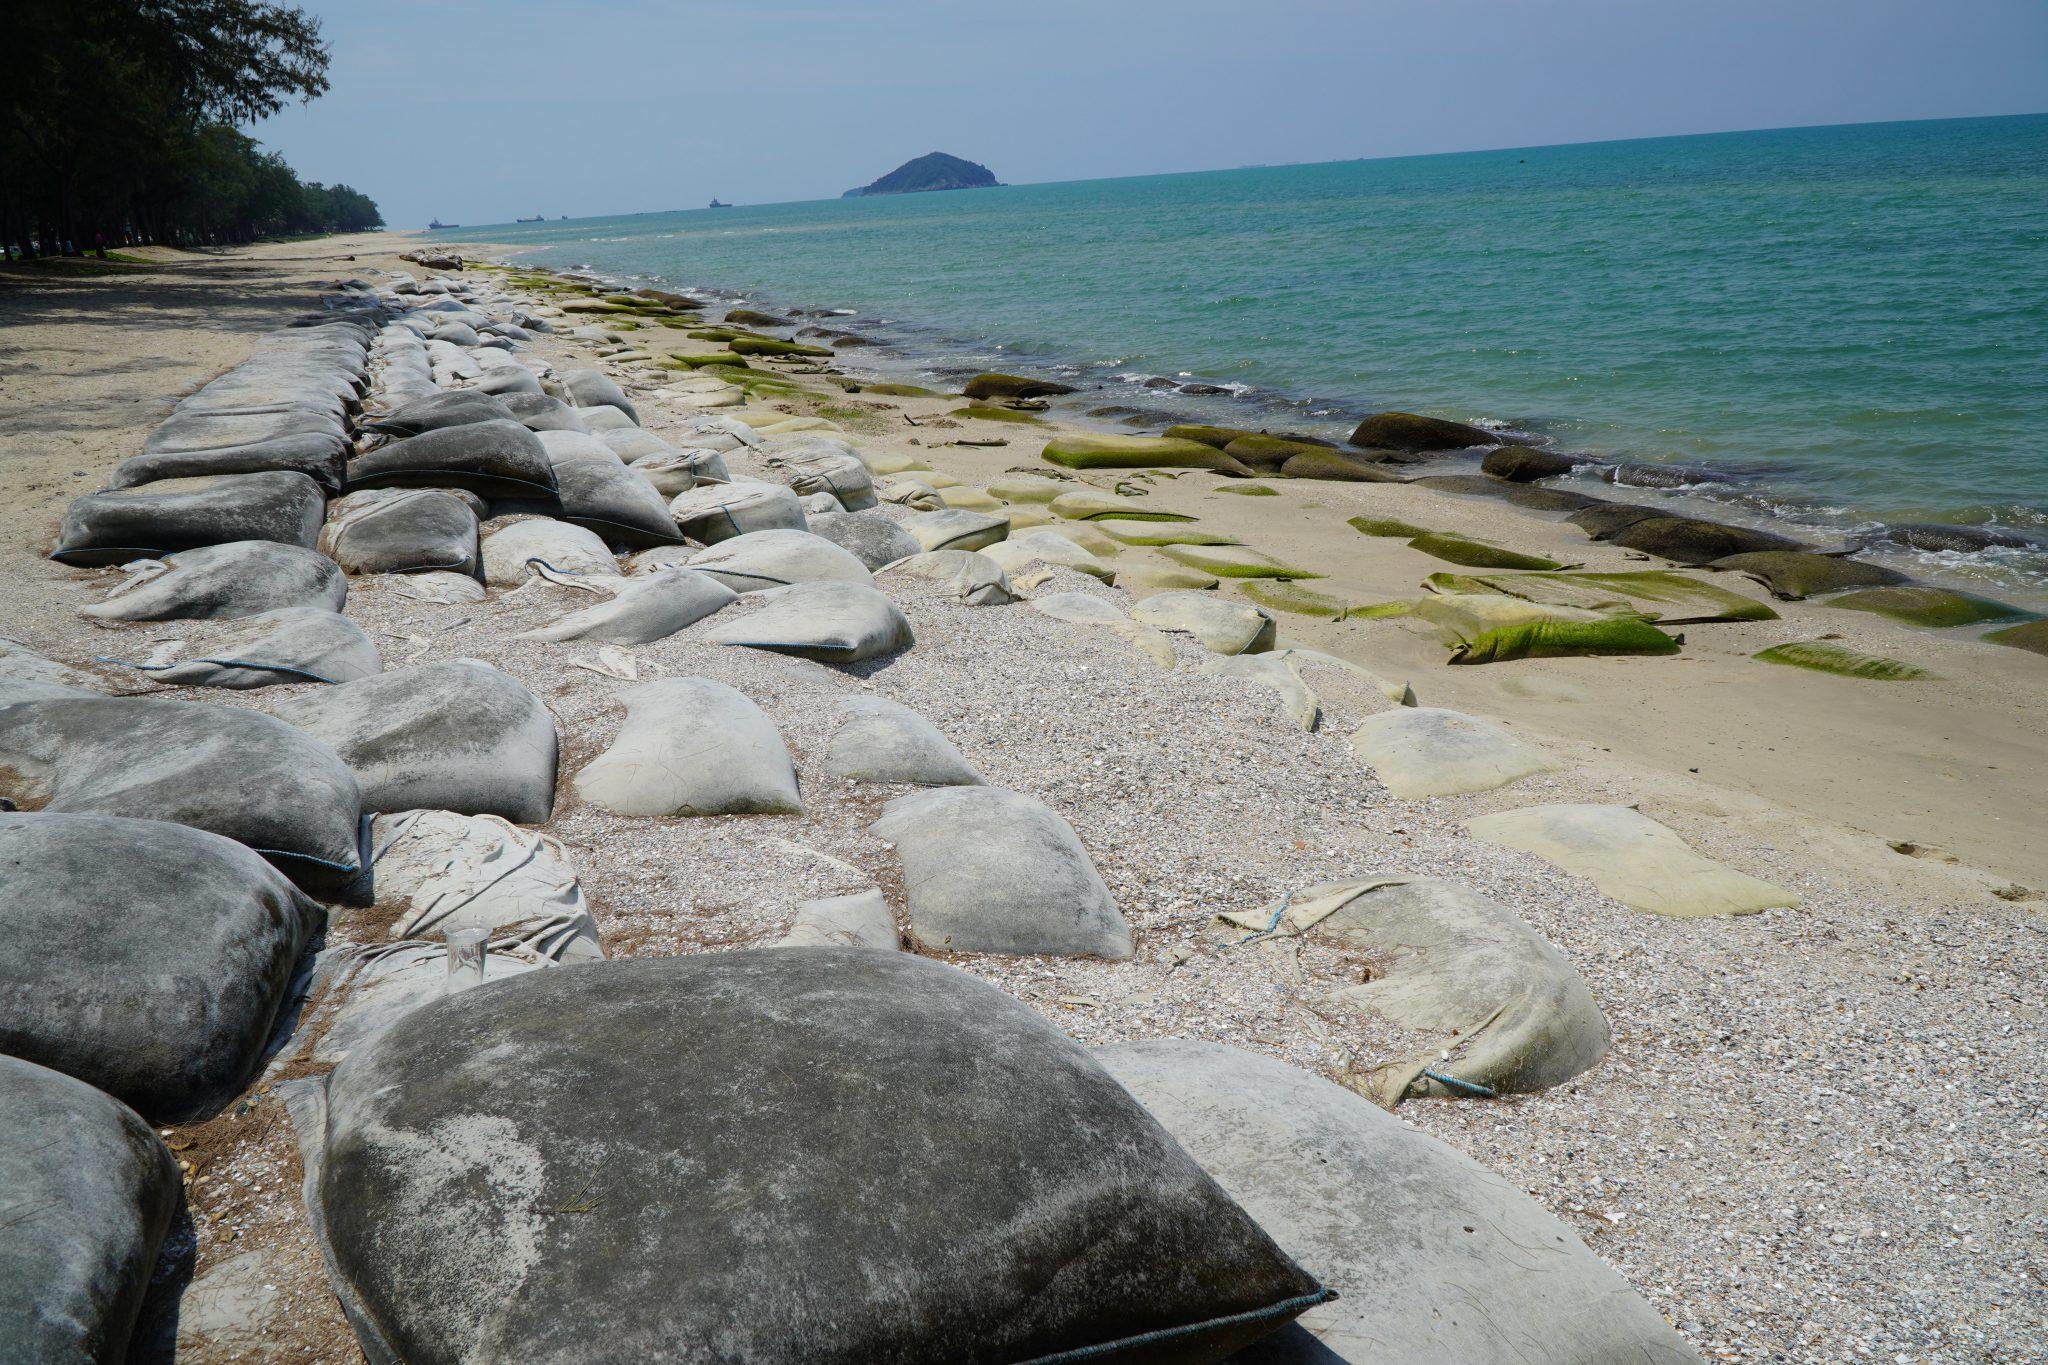 ในพื้นที่ระบบหาดแหลมตะลุมพุก-แหลมสมิหลา ระบบหาดหาดชลาทัศน์ และระบบหาดสะกอม โดยแนวชายฝั่งเป็นหาดทราย พื้นที่ชายฝั่งทะเล บริเวณหาดชลาทัศน์ (หลัง มทร.ศรีวิชัย) ต.บ่อยาง ประสบปัญหากัดเซาะชายฝั่ง ระยะทางประมาณ ๔๕๐ เมตร และพื้นที่ ม.๗ ต.เขารูปช้าง ประสบปัญหากัดเซาะชายฝั่ง ระยะทางประมาณ ๒๐๐ ม. และพบว่าแนวชายฝั่งทะเล อ.เมือง จ.สงขลา มีโครงสร้างป้องการกัดเซาะชายฝั่ง ทั้ง กล่องกระชุหิน กำแพงกันคลื่นแบบตั้งตรง เขื่อนหินทิ้งริมชายฝั่ง เขื่อนหินทิ้งนอกชายฝั่ง รอดักทรายรูปตัวไอและบางจุดมีถุงใยสังเคราะห์บรรจุทราย สำหรับบริเวณหาดชลาทัศน์ มีโครงการแก้ไขปัญหากัดเซาะชายฝั่งโดยวิธีการถ่ายเททราย ระยะทางประมาณ ๓,๔๓๐ ม. ส่วนชายฝั่งบริเวณอื่นๆ คงสภาพสมดุลตามธรรมชาติ